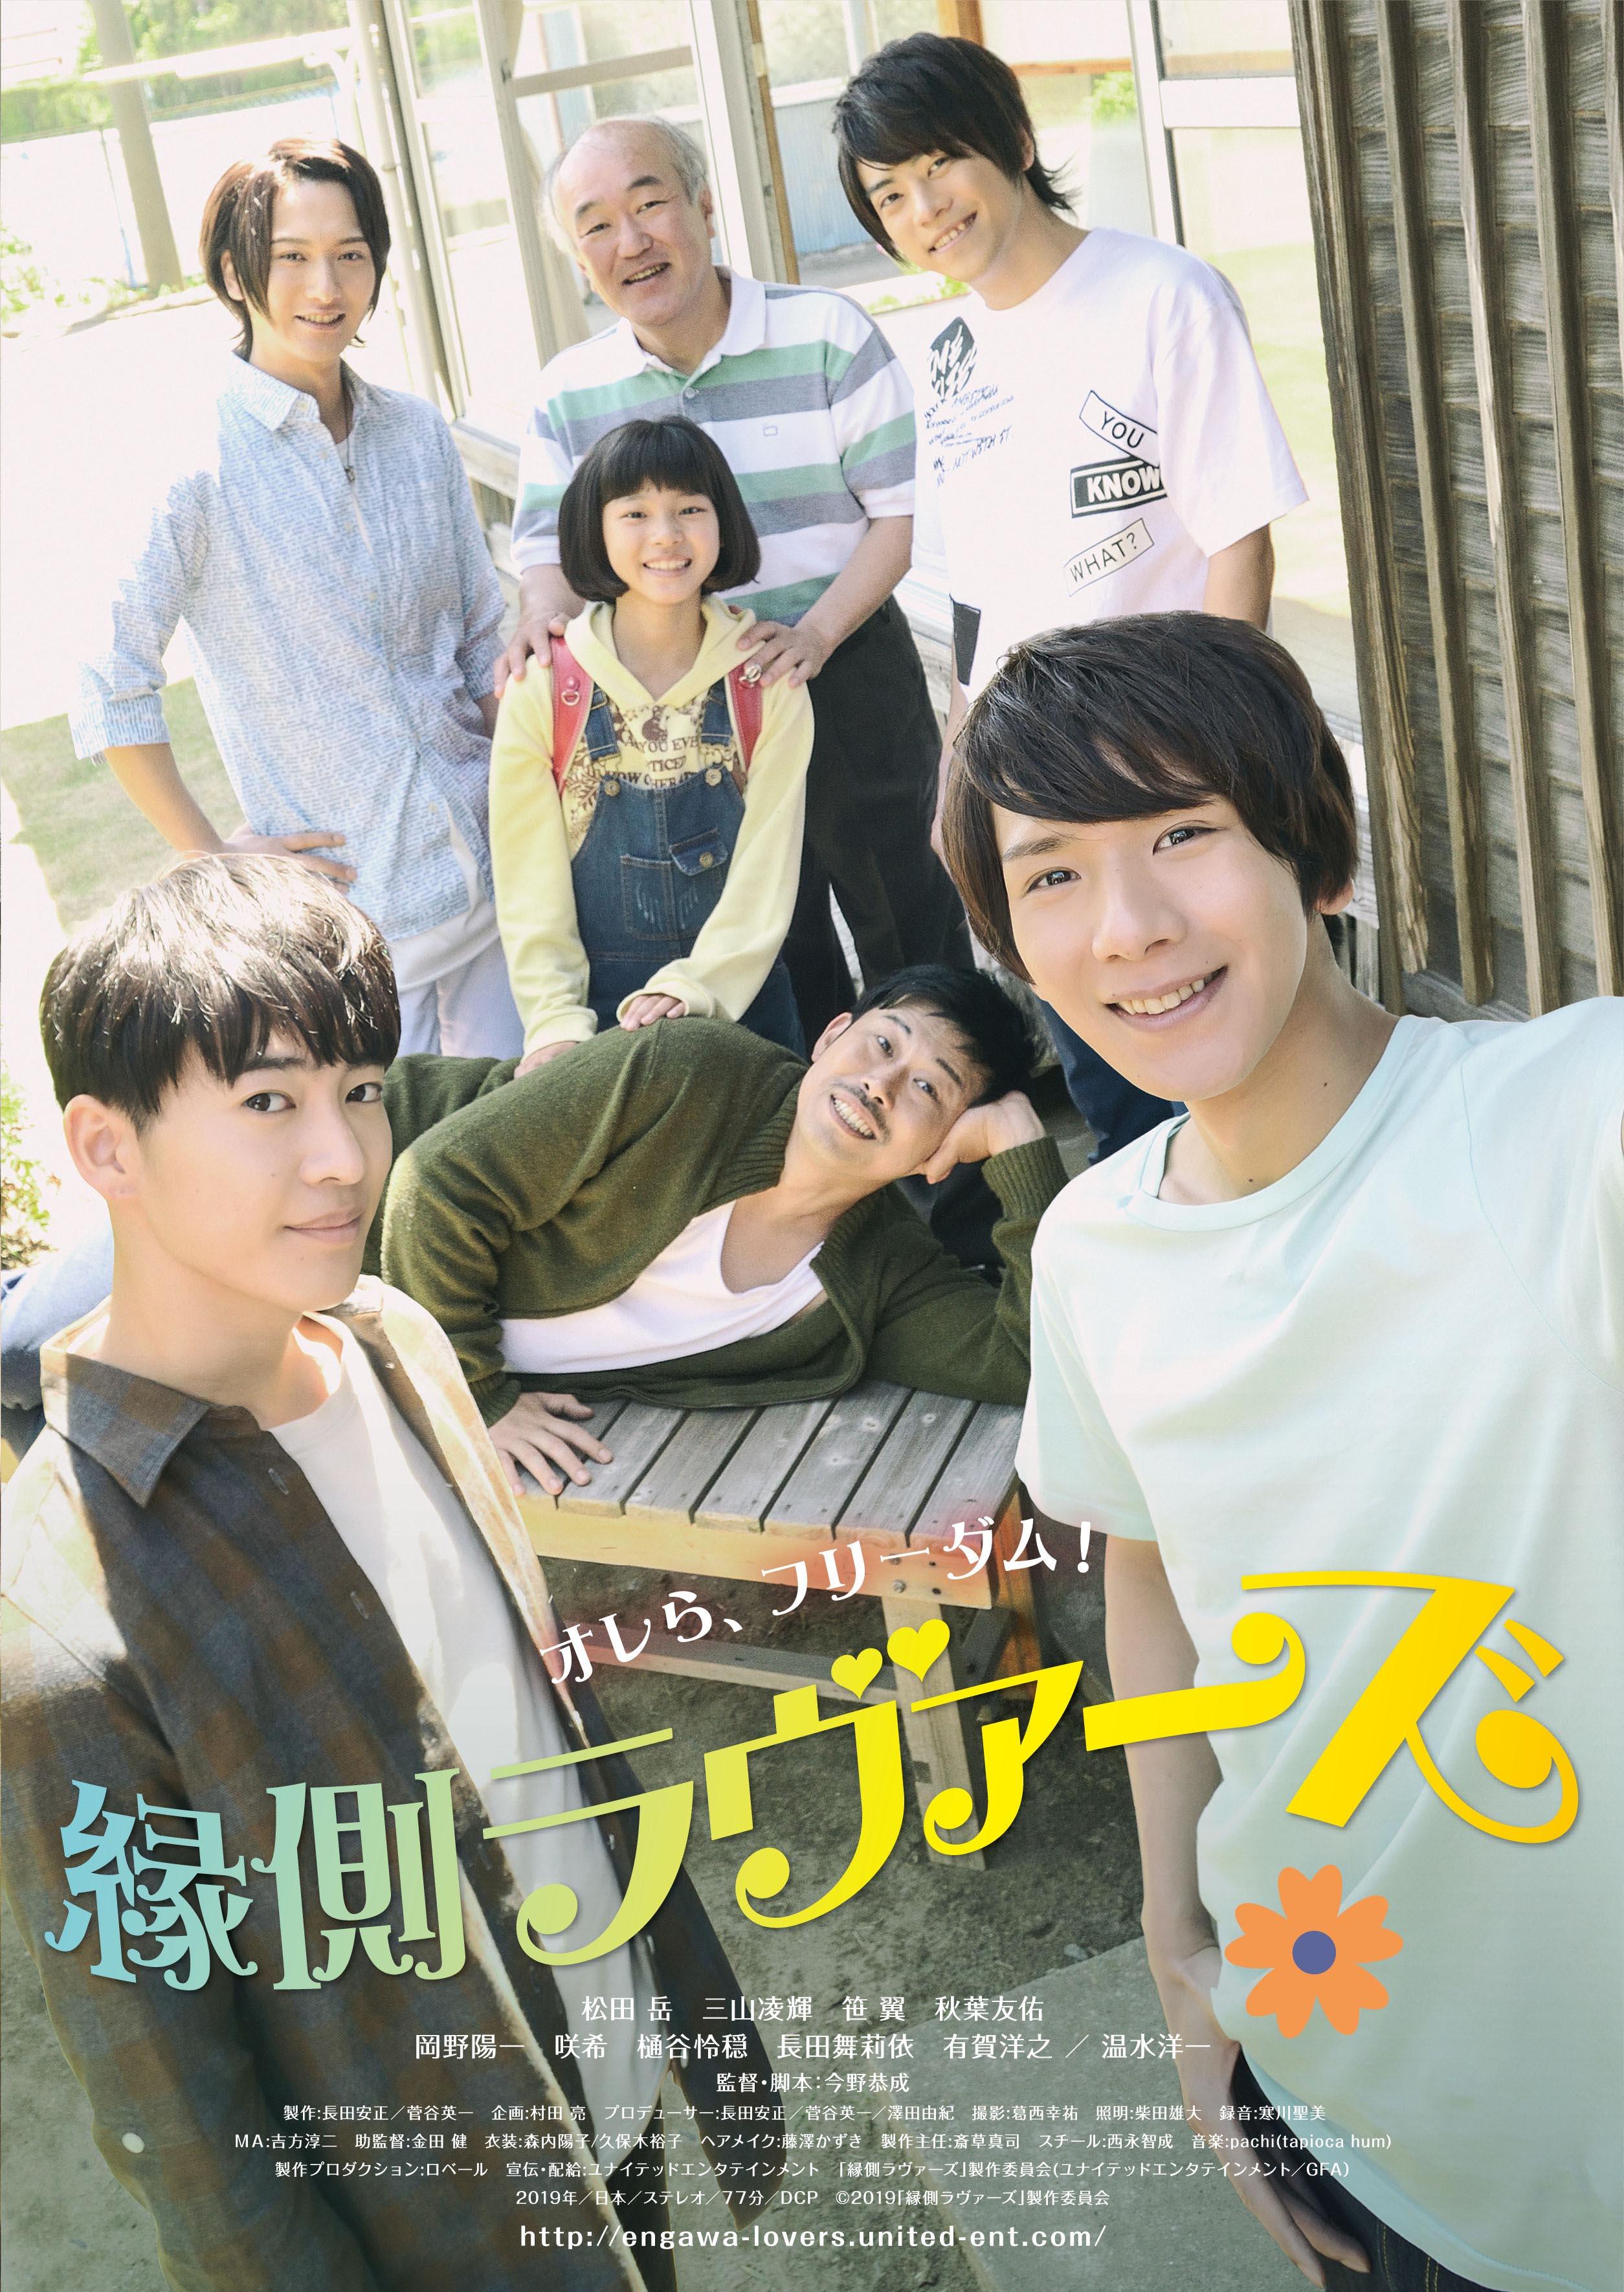 映画「縁側ラヴァーズ」「縁側ラヴァーズ2」DVD発売記念イベント 3部